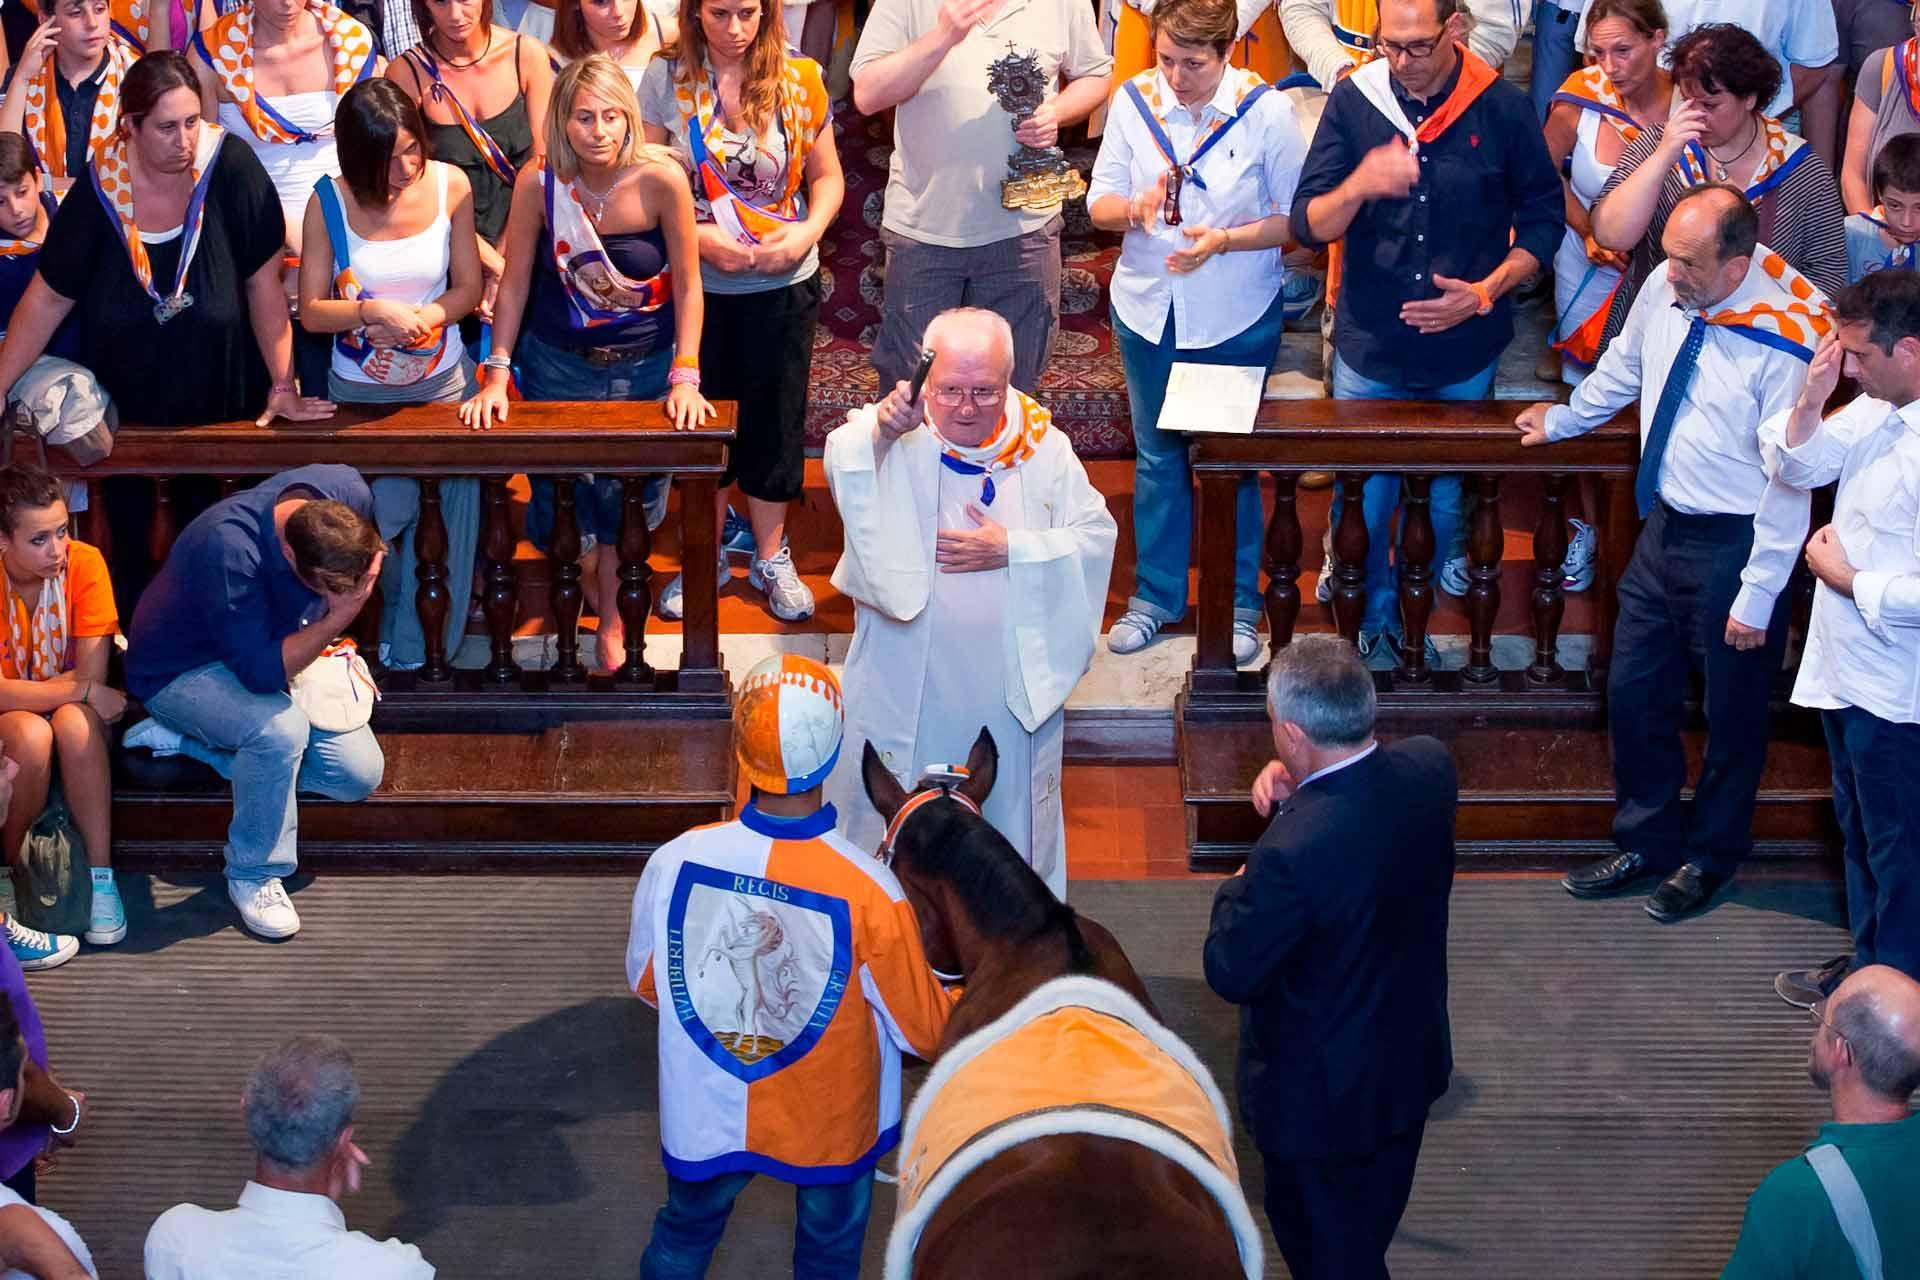 LA B?N?DICTION DU BARBERO - Dentro la chiesa riceveranno dalle mani del sacerdote, la benedizione del Santo Patrono, affinch? entrambi vengano preservati dai pericoli e dalle insidie della corsa.